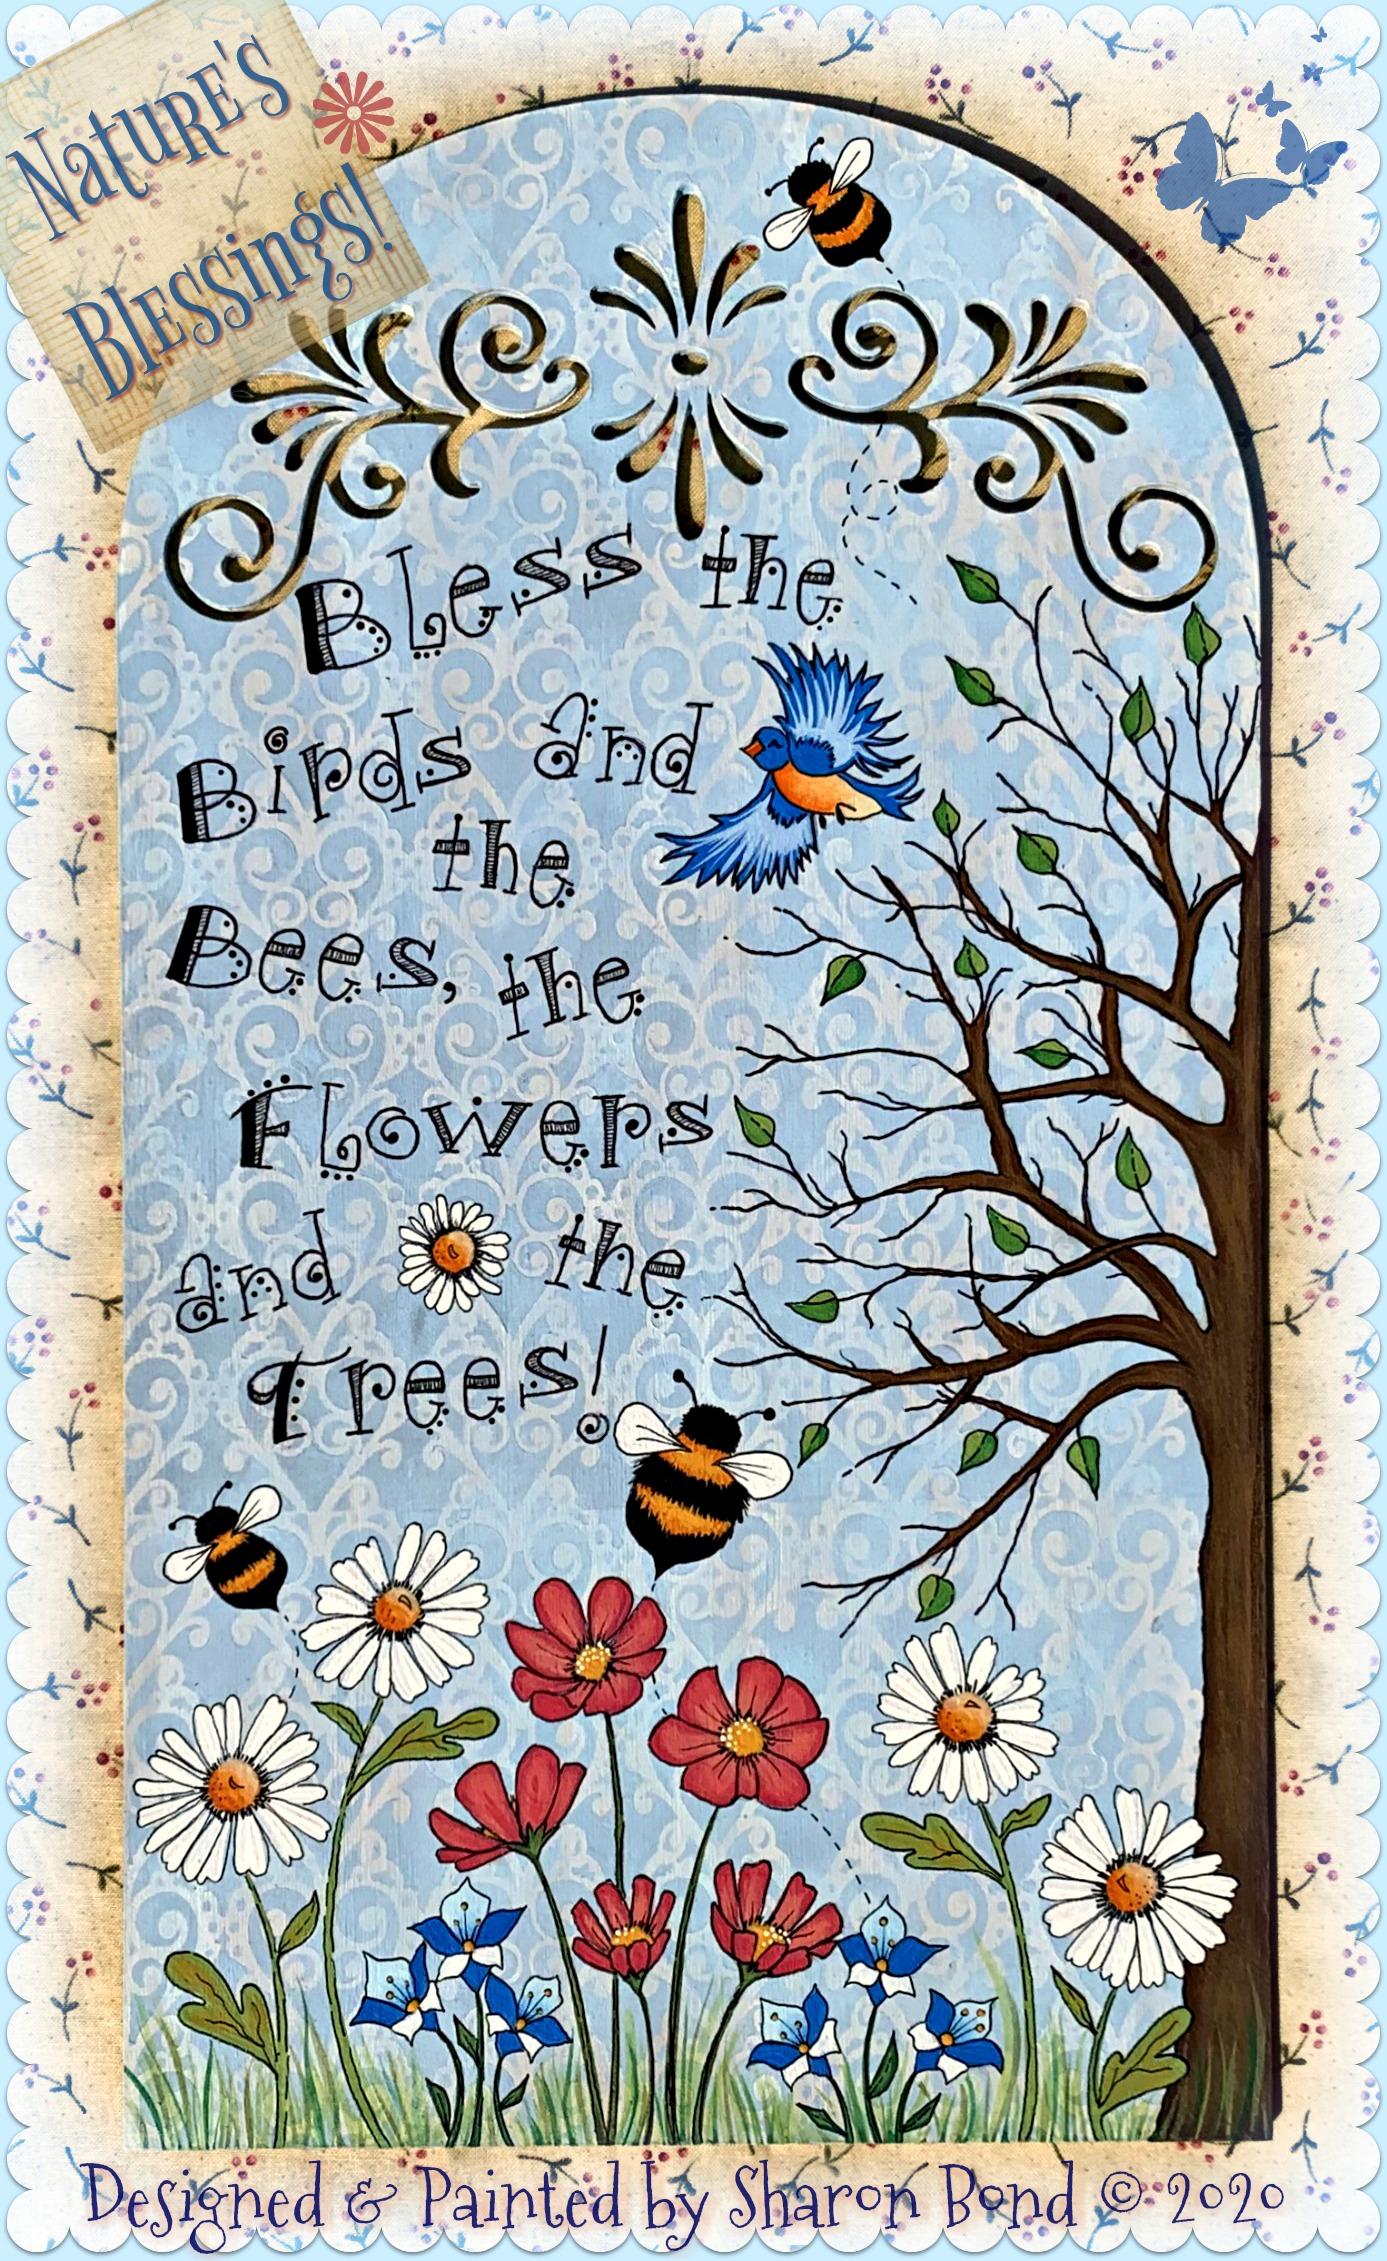 Nature's Blessings! - E-Packet - Sharon Bond